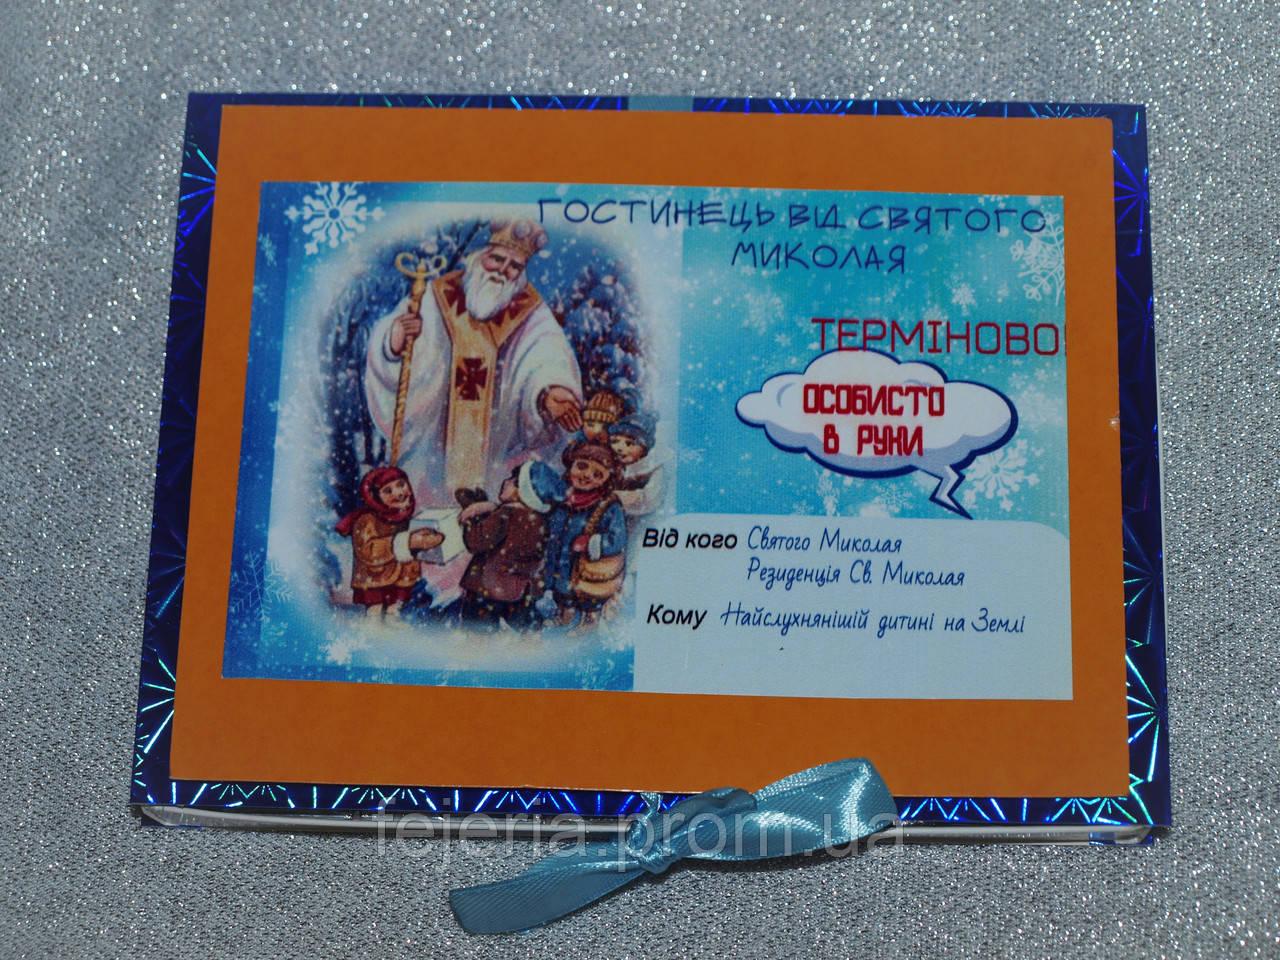 Шоколад на День Святого Николая